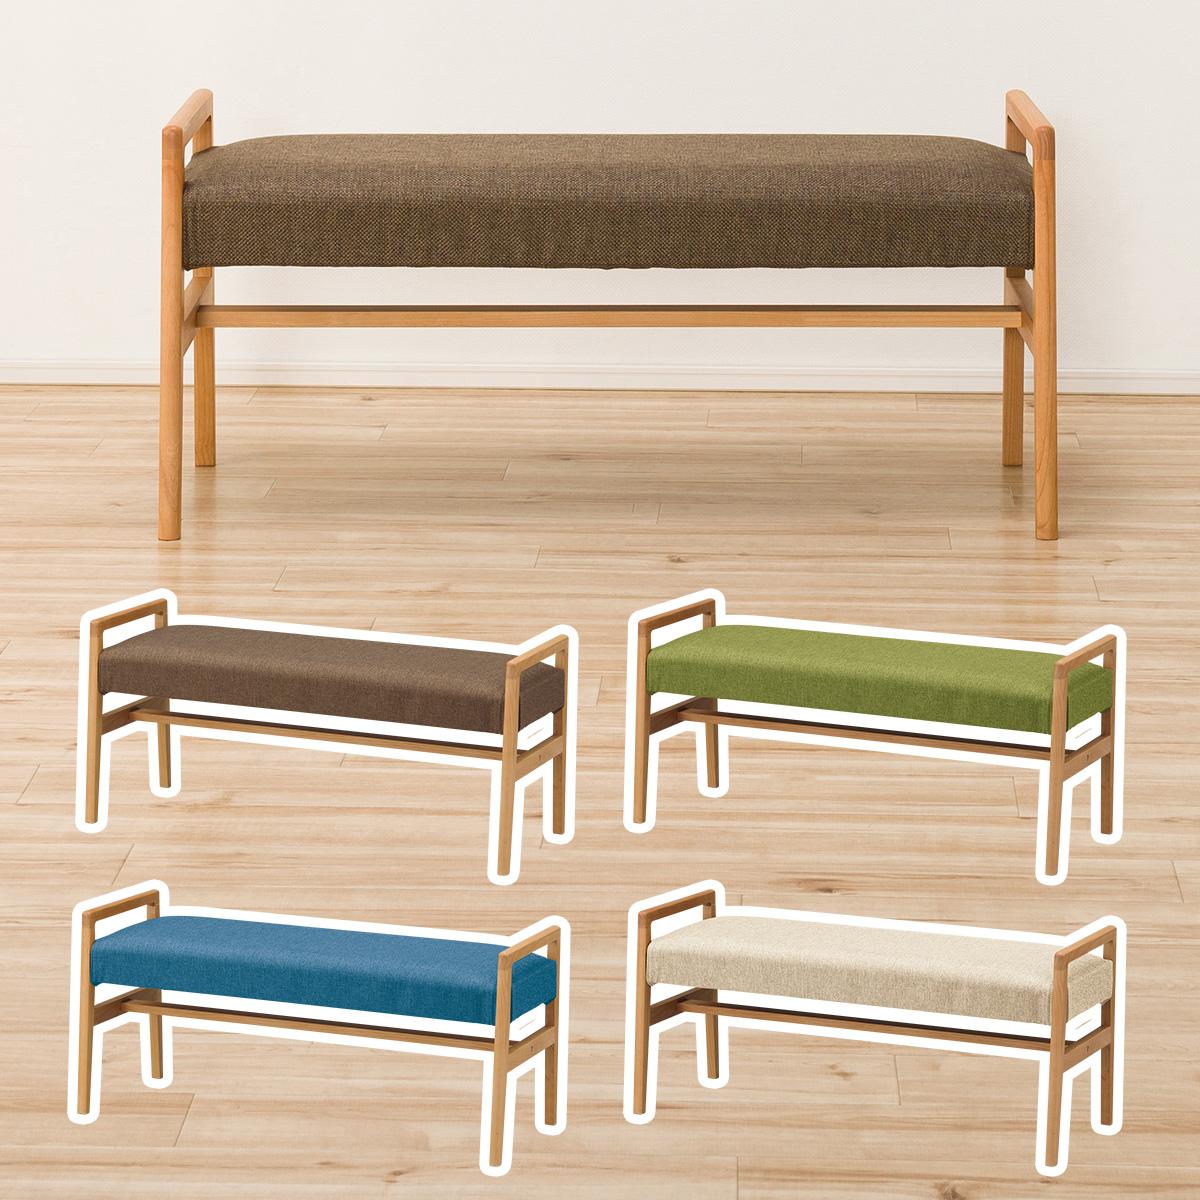 椅子 日本限定 イス いす 食卓 ダイニングチェアー 木製 北欧 幅105cm ベンチチェア LBR 5年保証 食卓イス ニトリ 玄関先迄納品 ダイニングベンチカバー チェアカバー ダイニングチェア アルナス105 ランキングTOP10